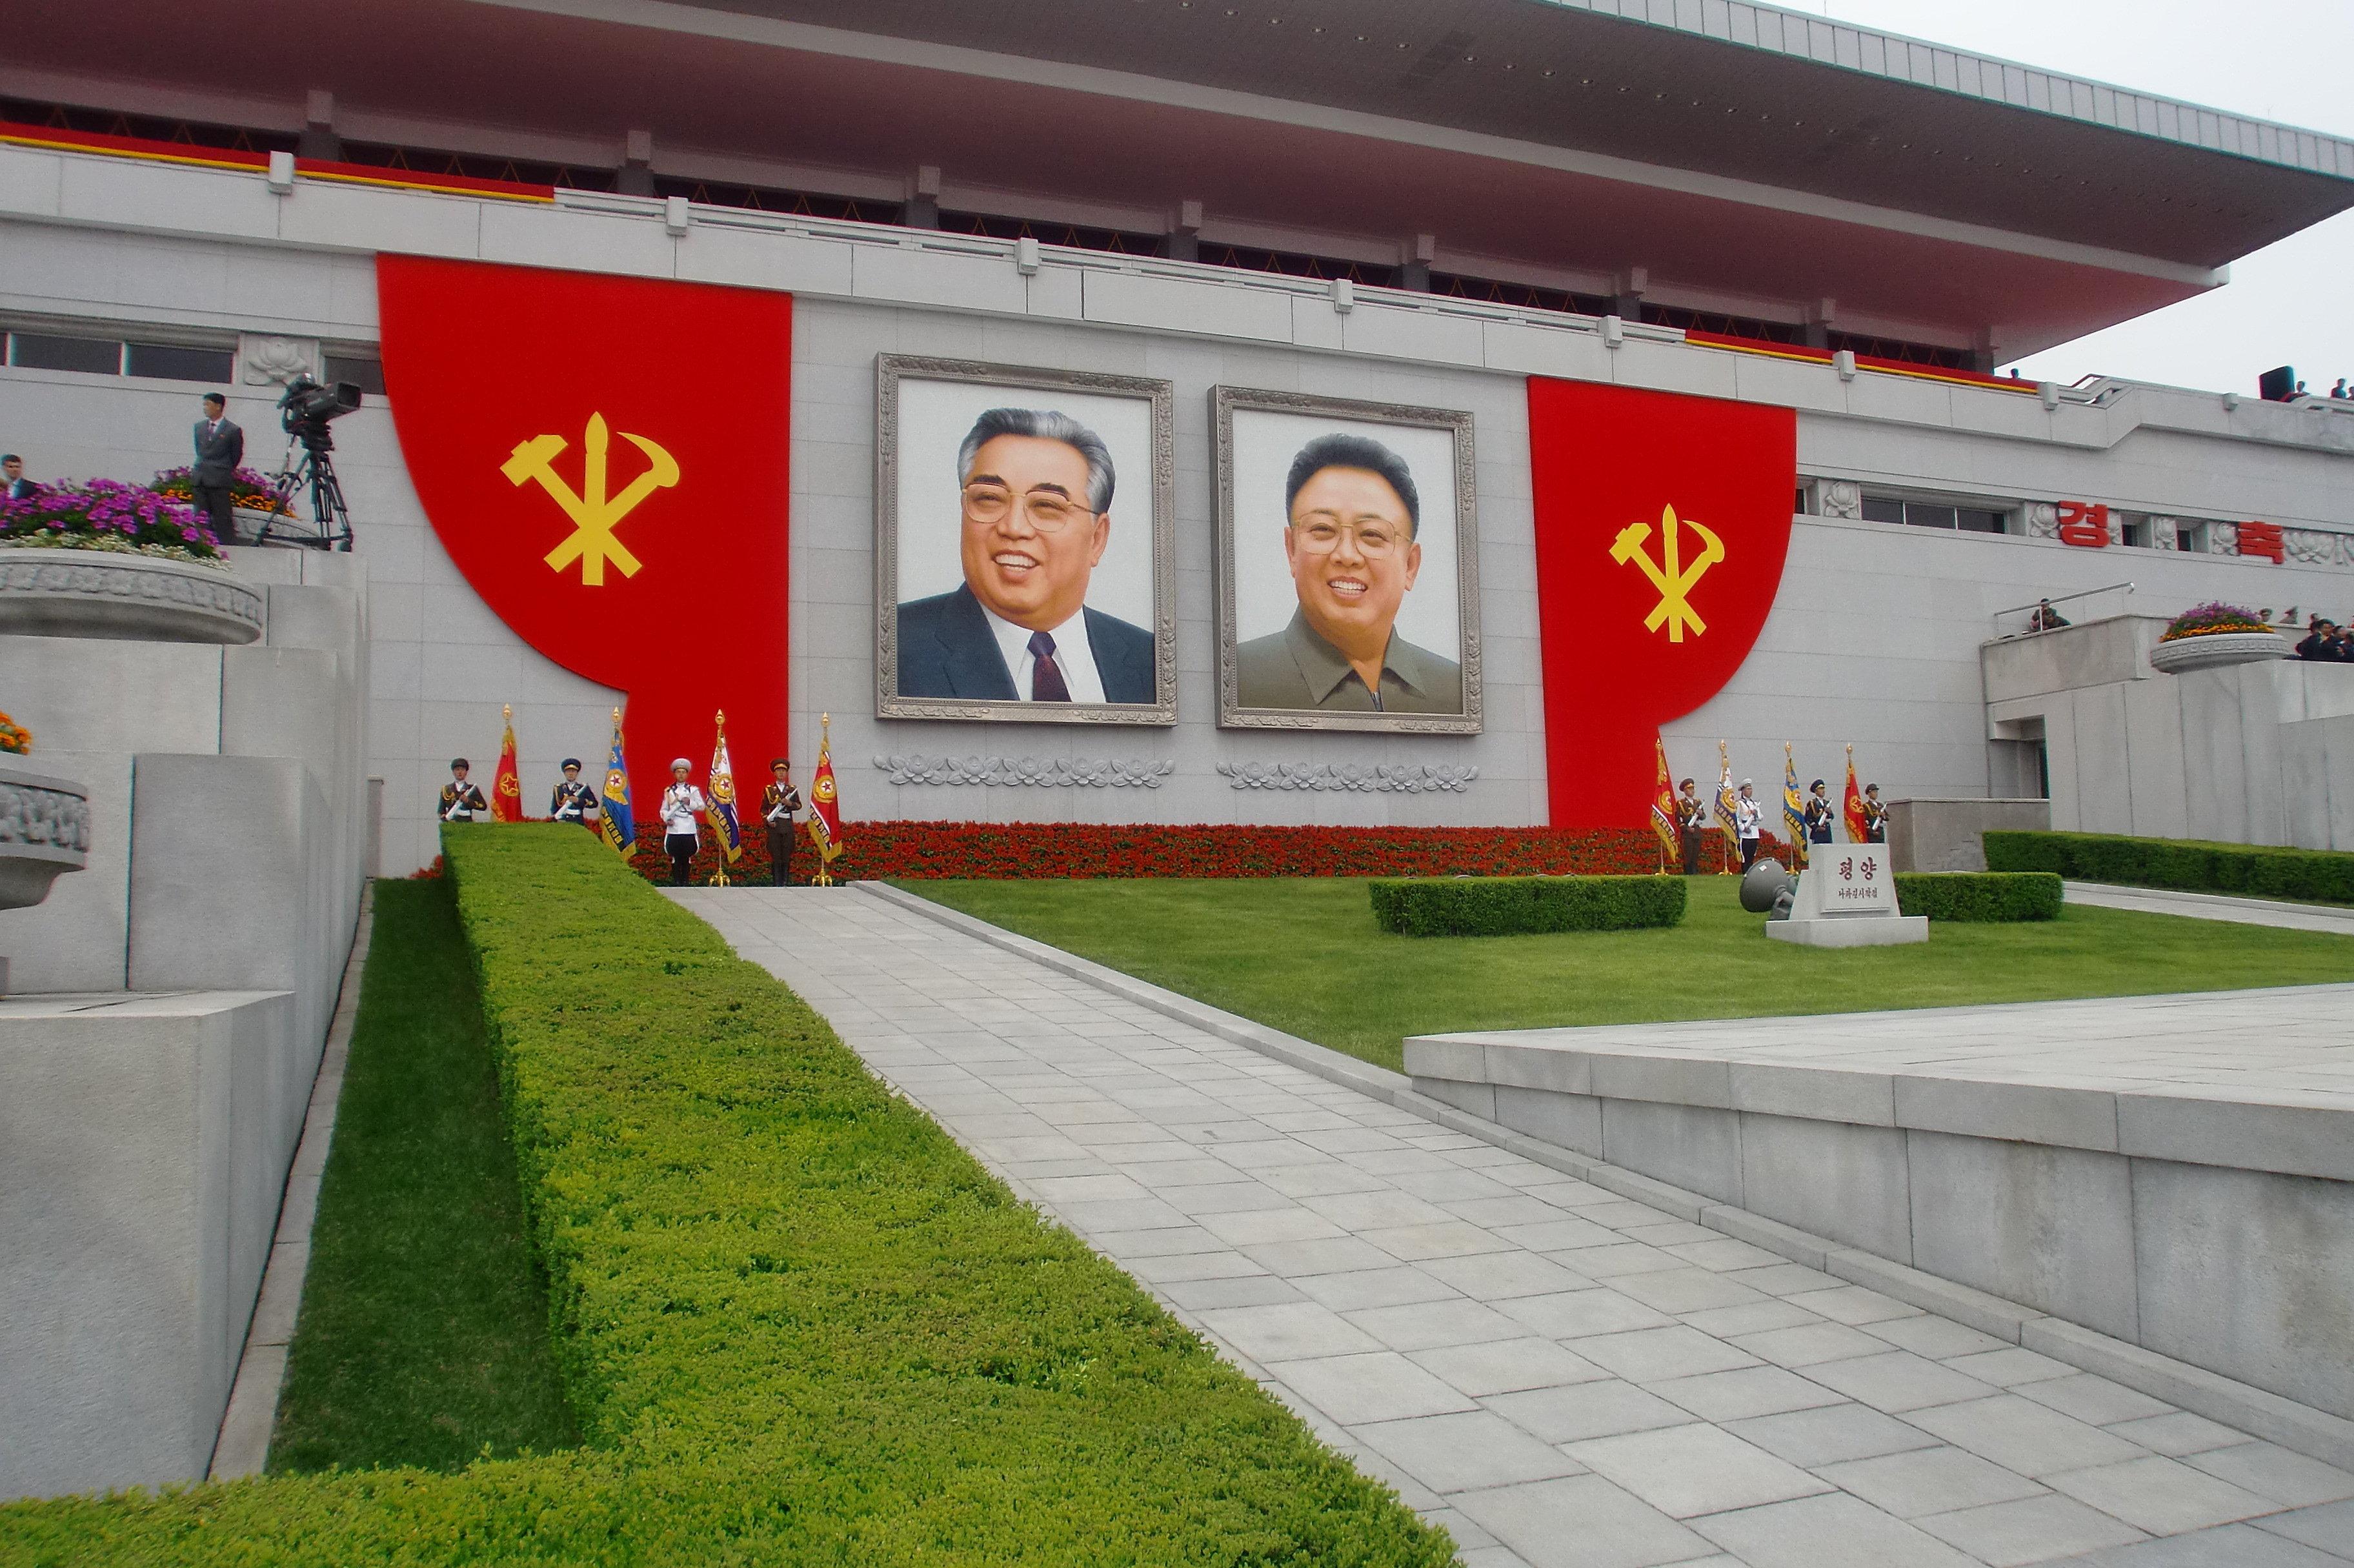 Les portraits de Kim Jong-il et de Kim Il-sung